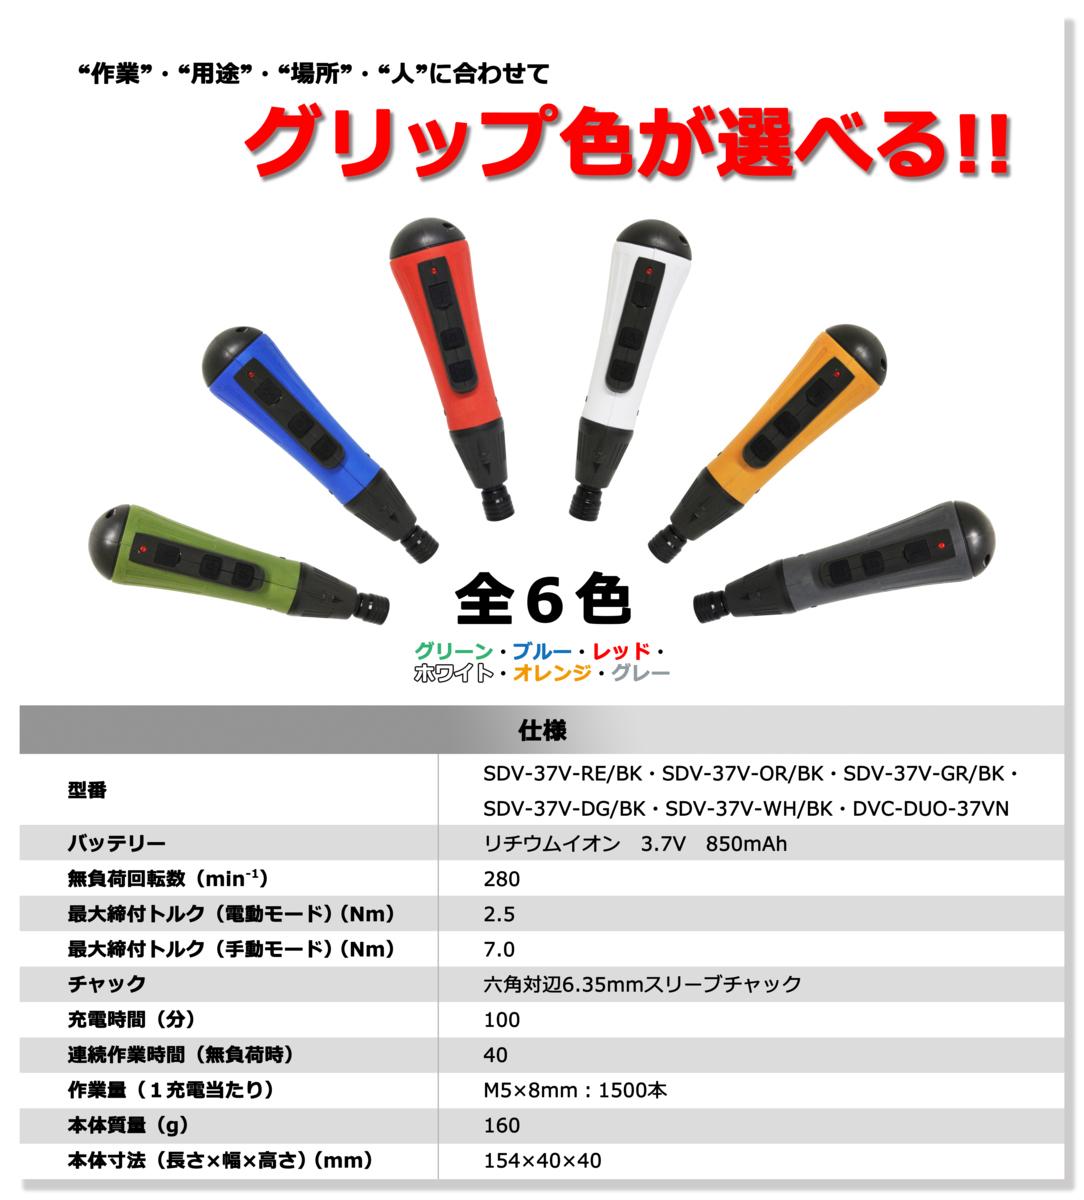 充電式デュアルドライバー(ブルー)・DEVICE・DVC-DUO-37VN・電動でも手回しでも大活躍です!藤原産業のデバイス_チラシです。全部で6色あります。